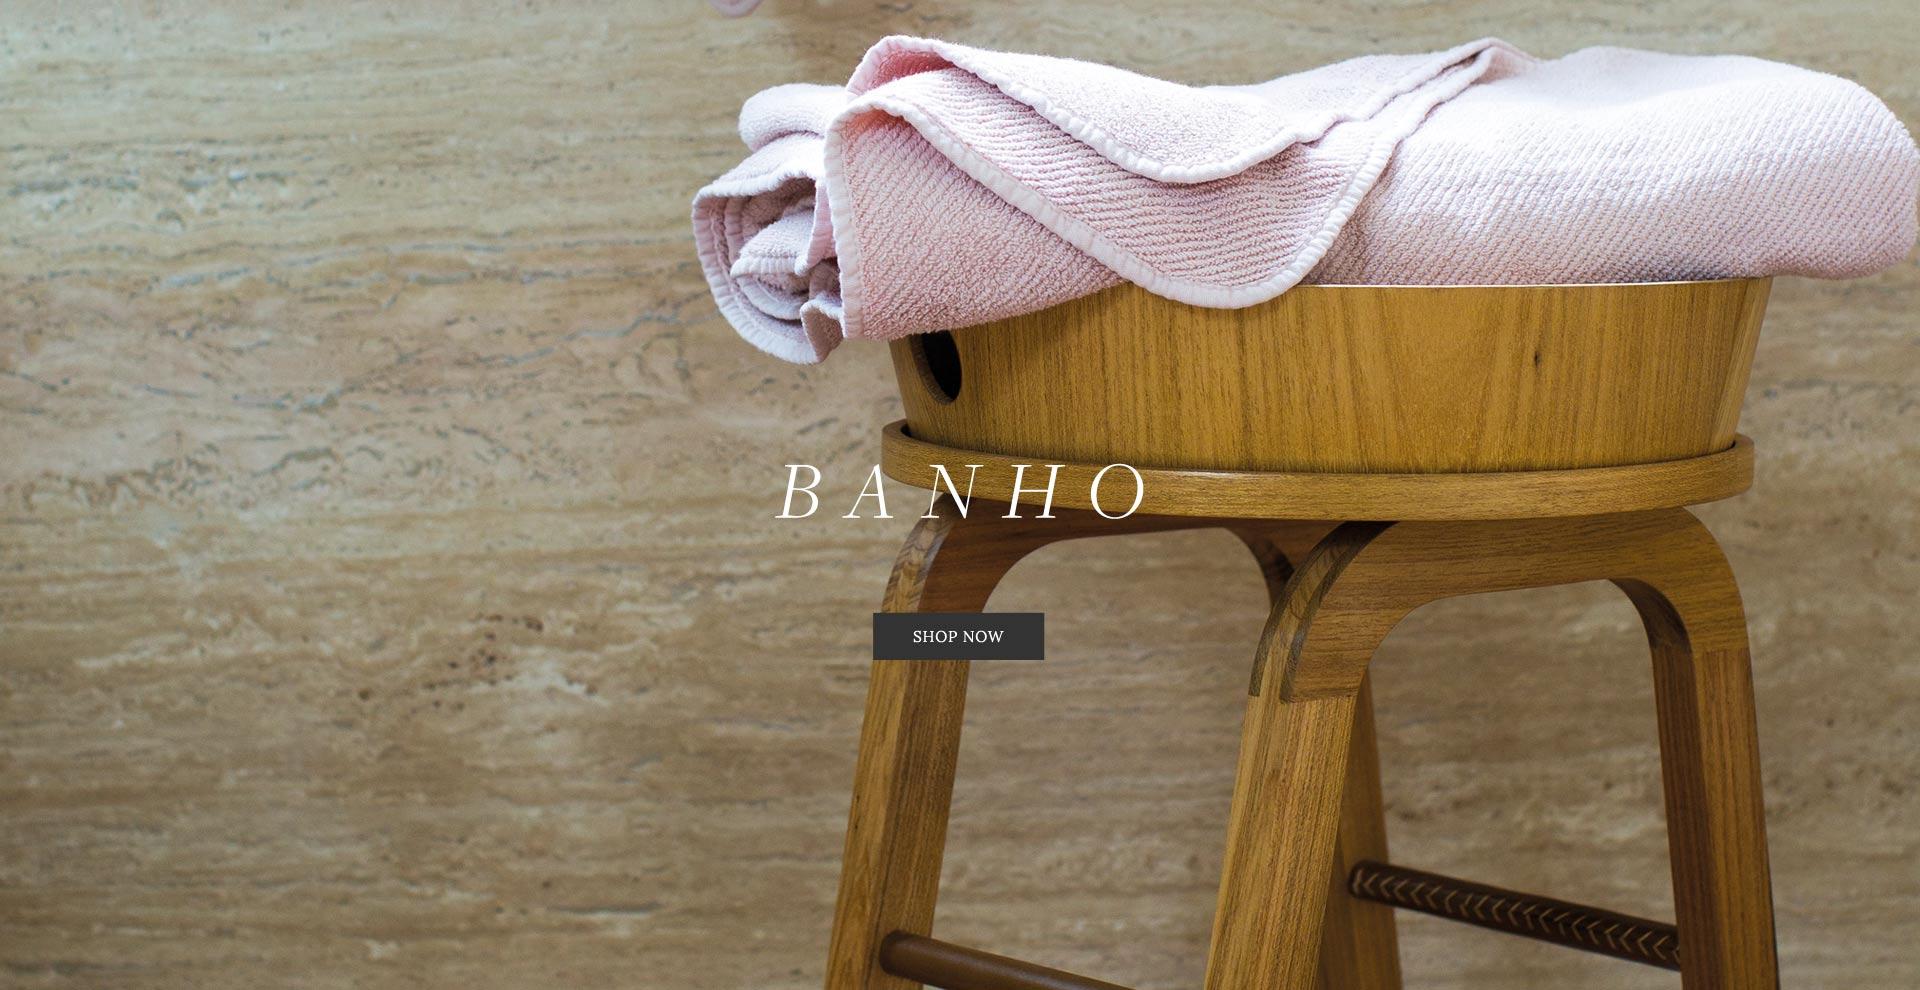 Banho - 1707